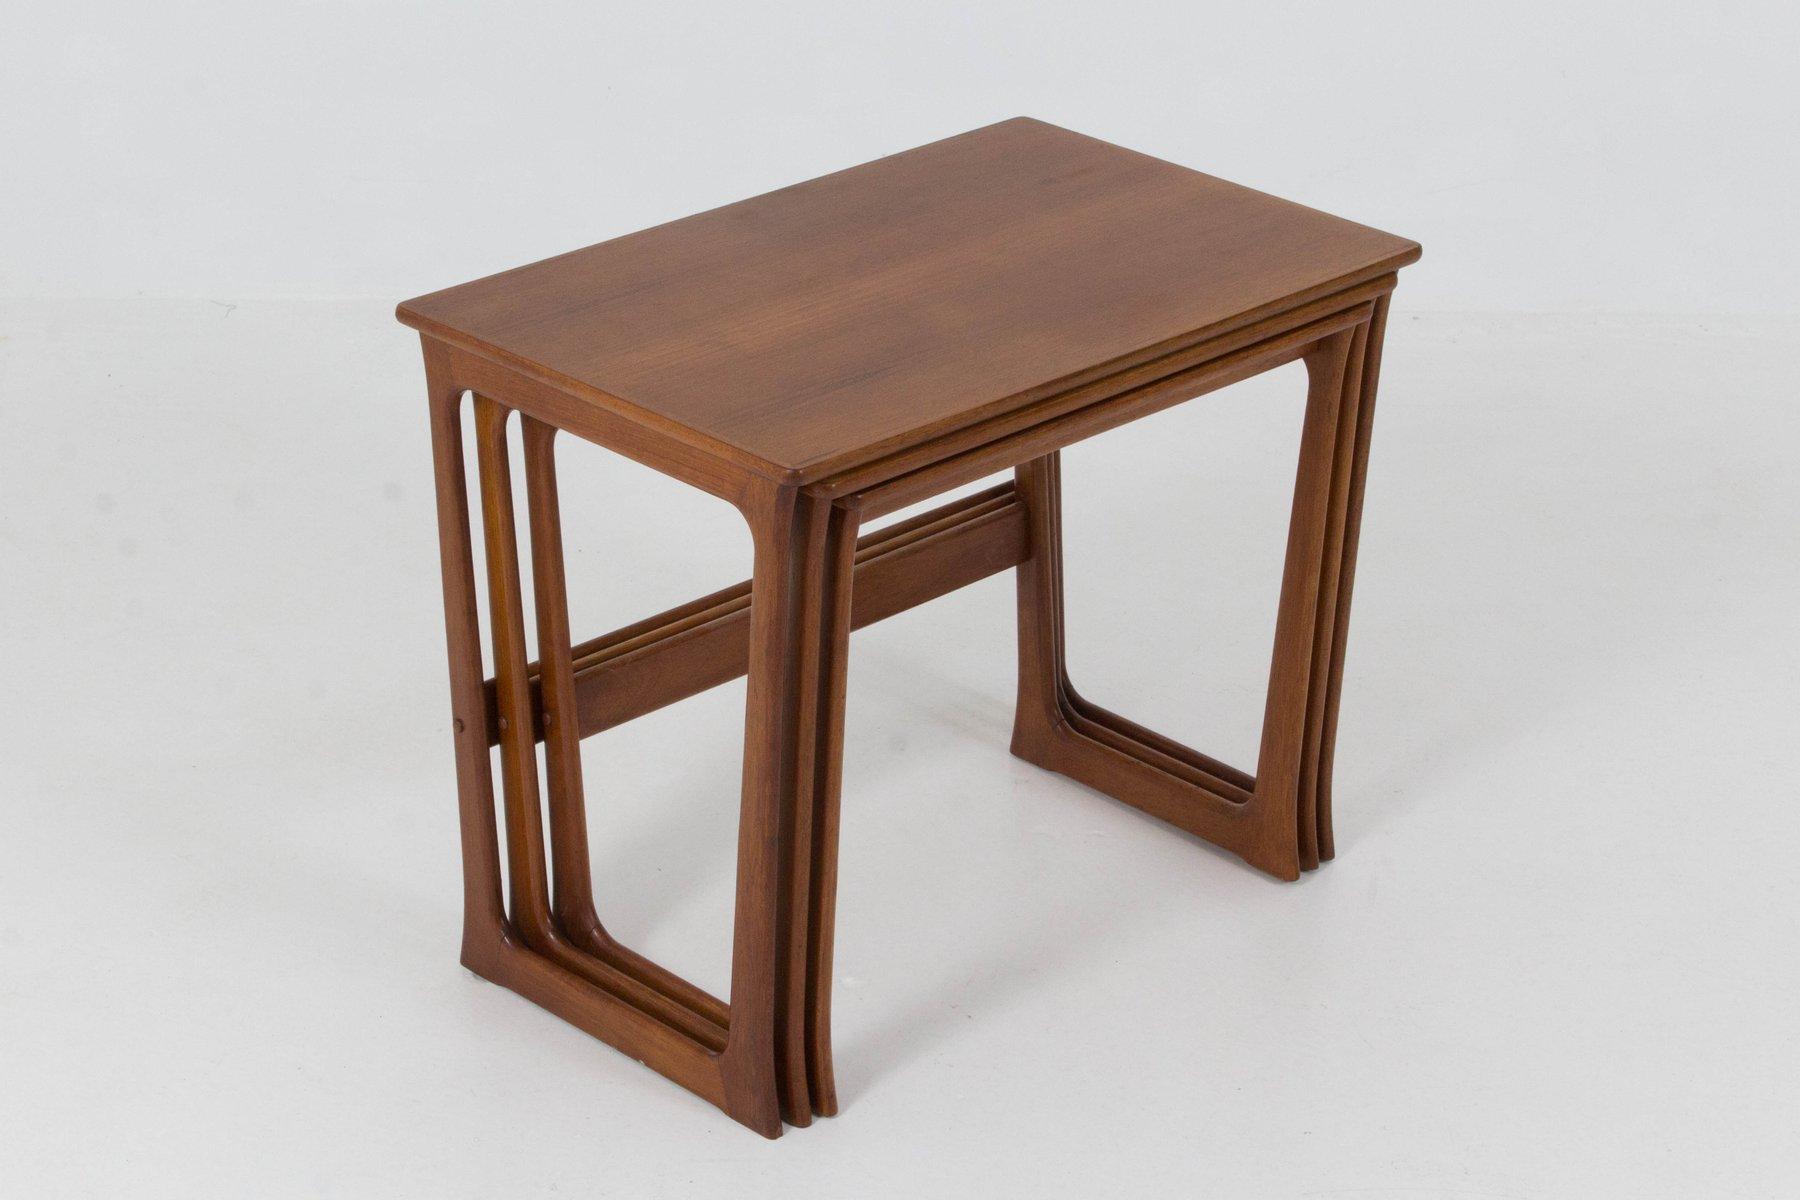 tables gigognes mid century moderne par johannes andersen danemark 1960s en vente sur pamono. Black Bedroom Furniture Sets. Home Design Ideas